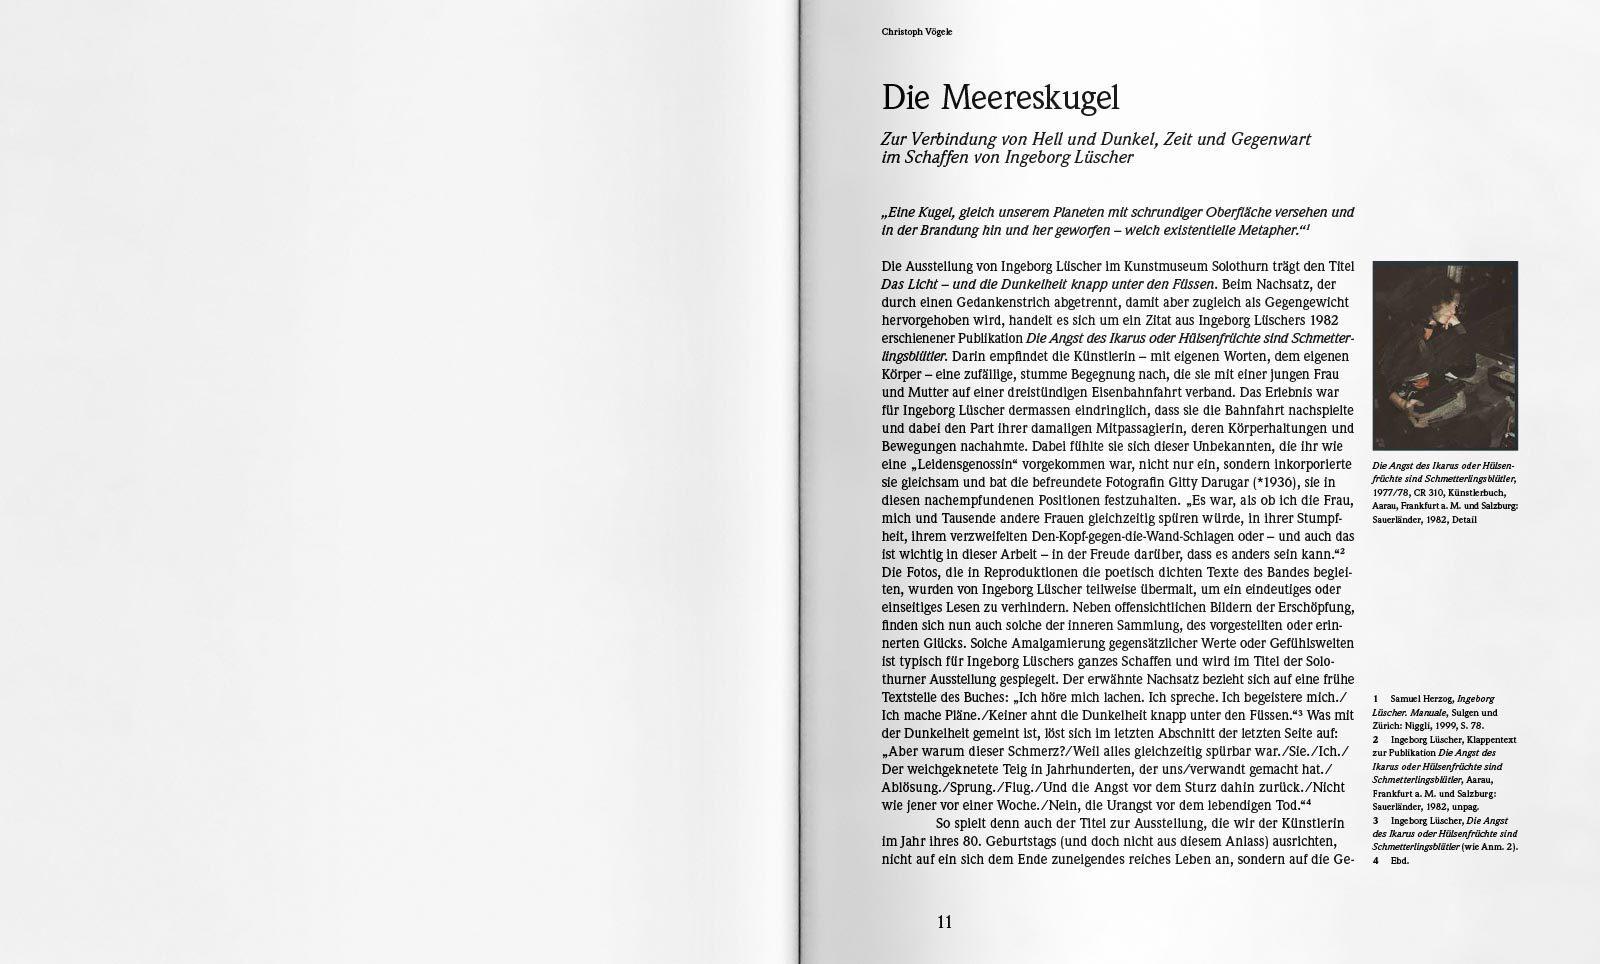 Ingeborg Luescher spread01